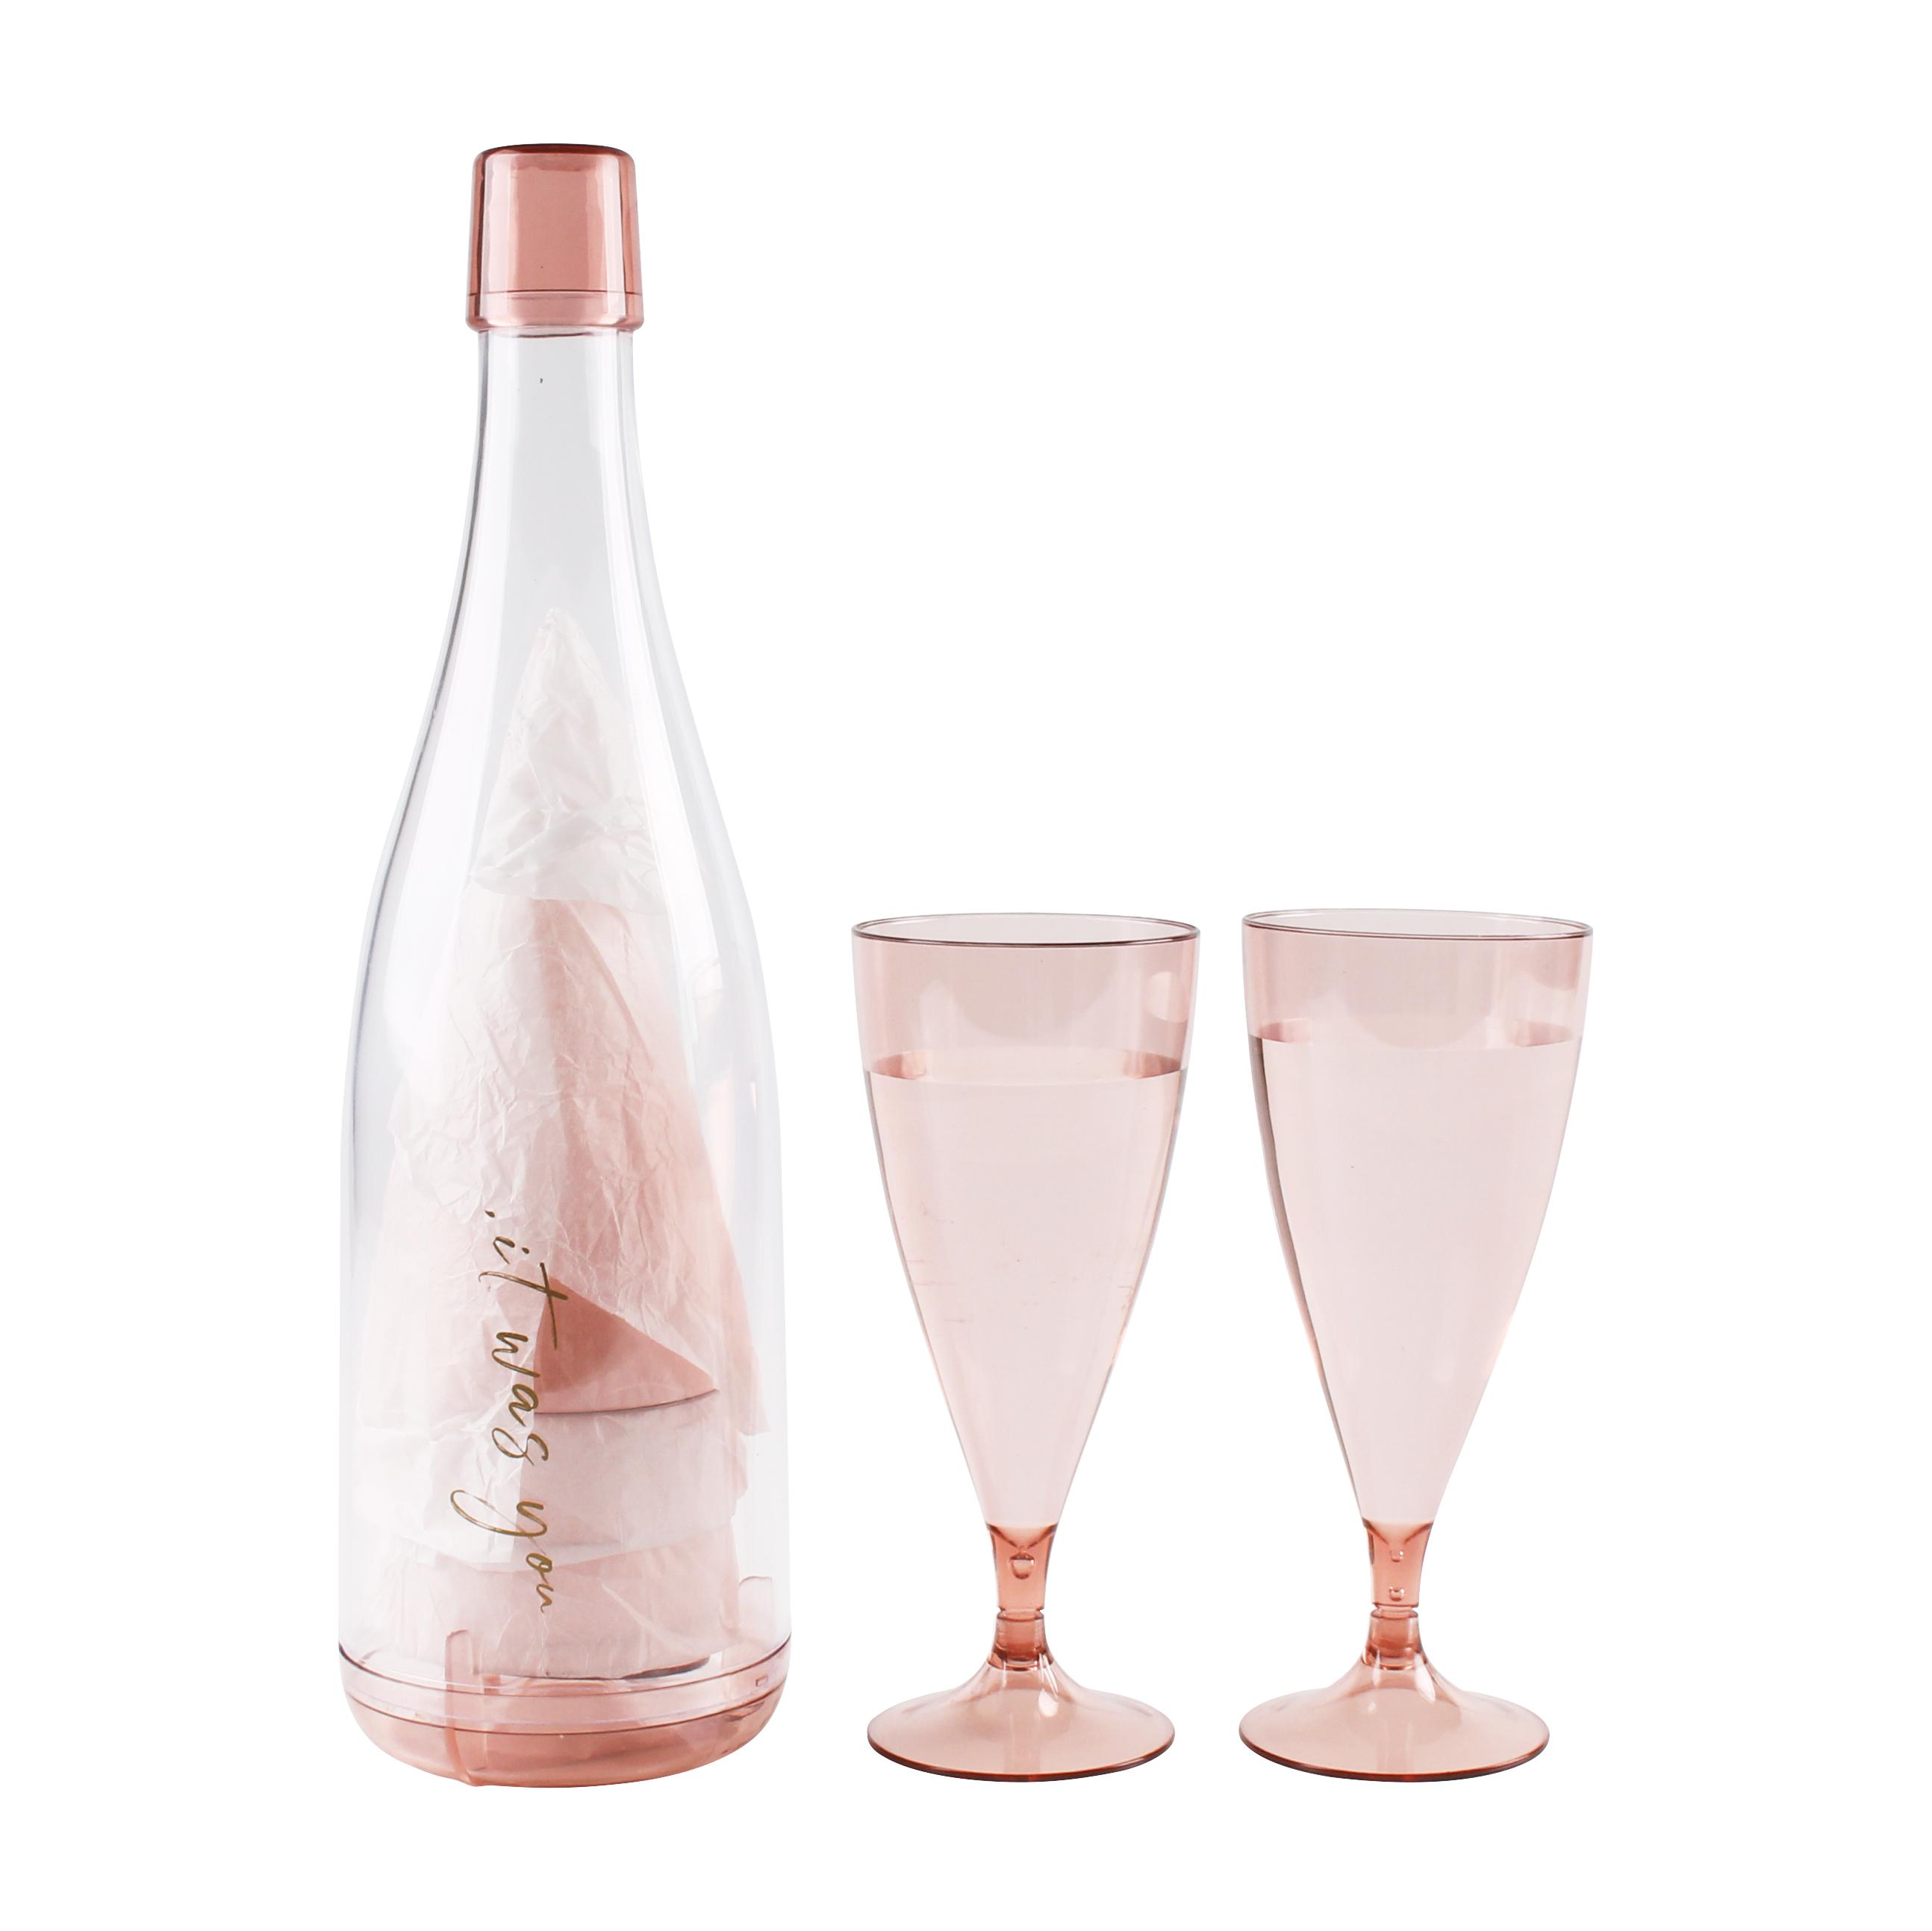 잇워즈유 피크닉 와인잔 5p + 병케이스, 핑크, 1세트